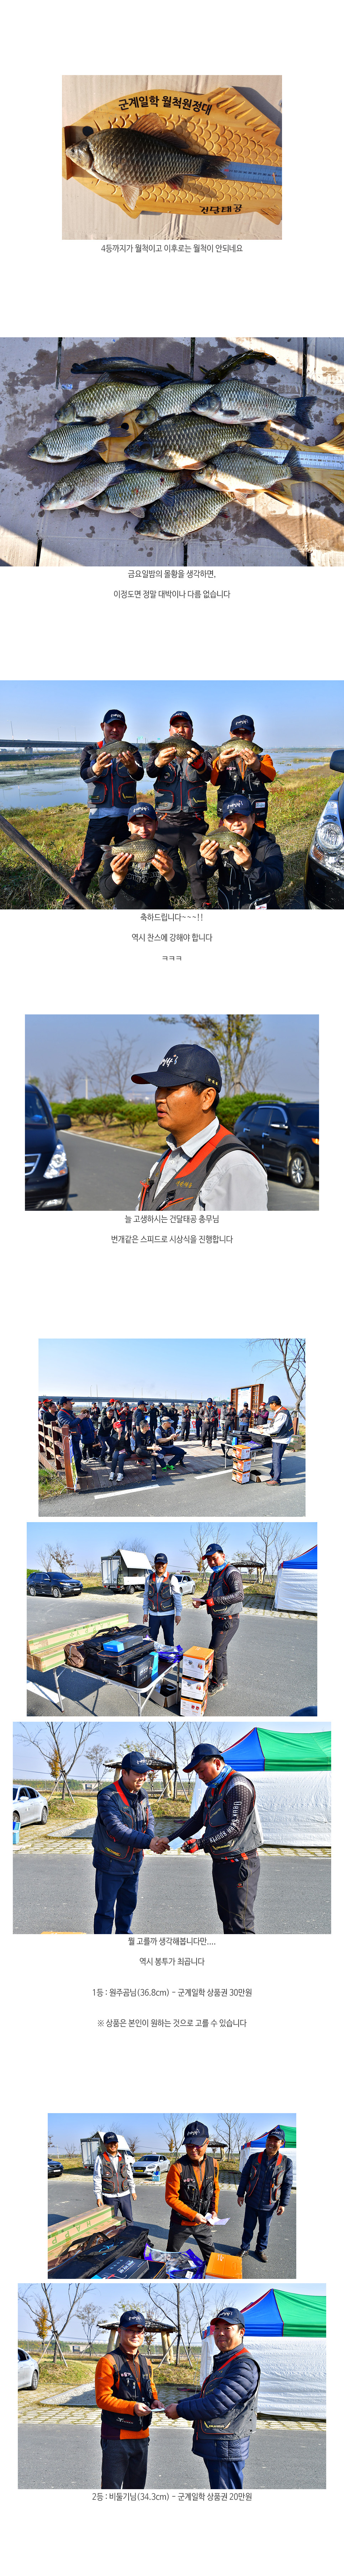 107기 월척원정대(소양천) - 10.jpg